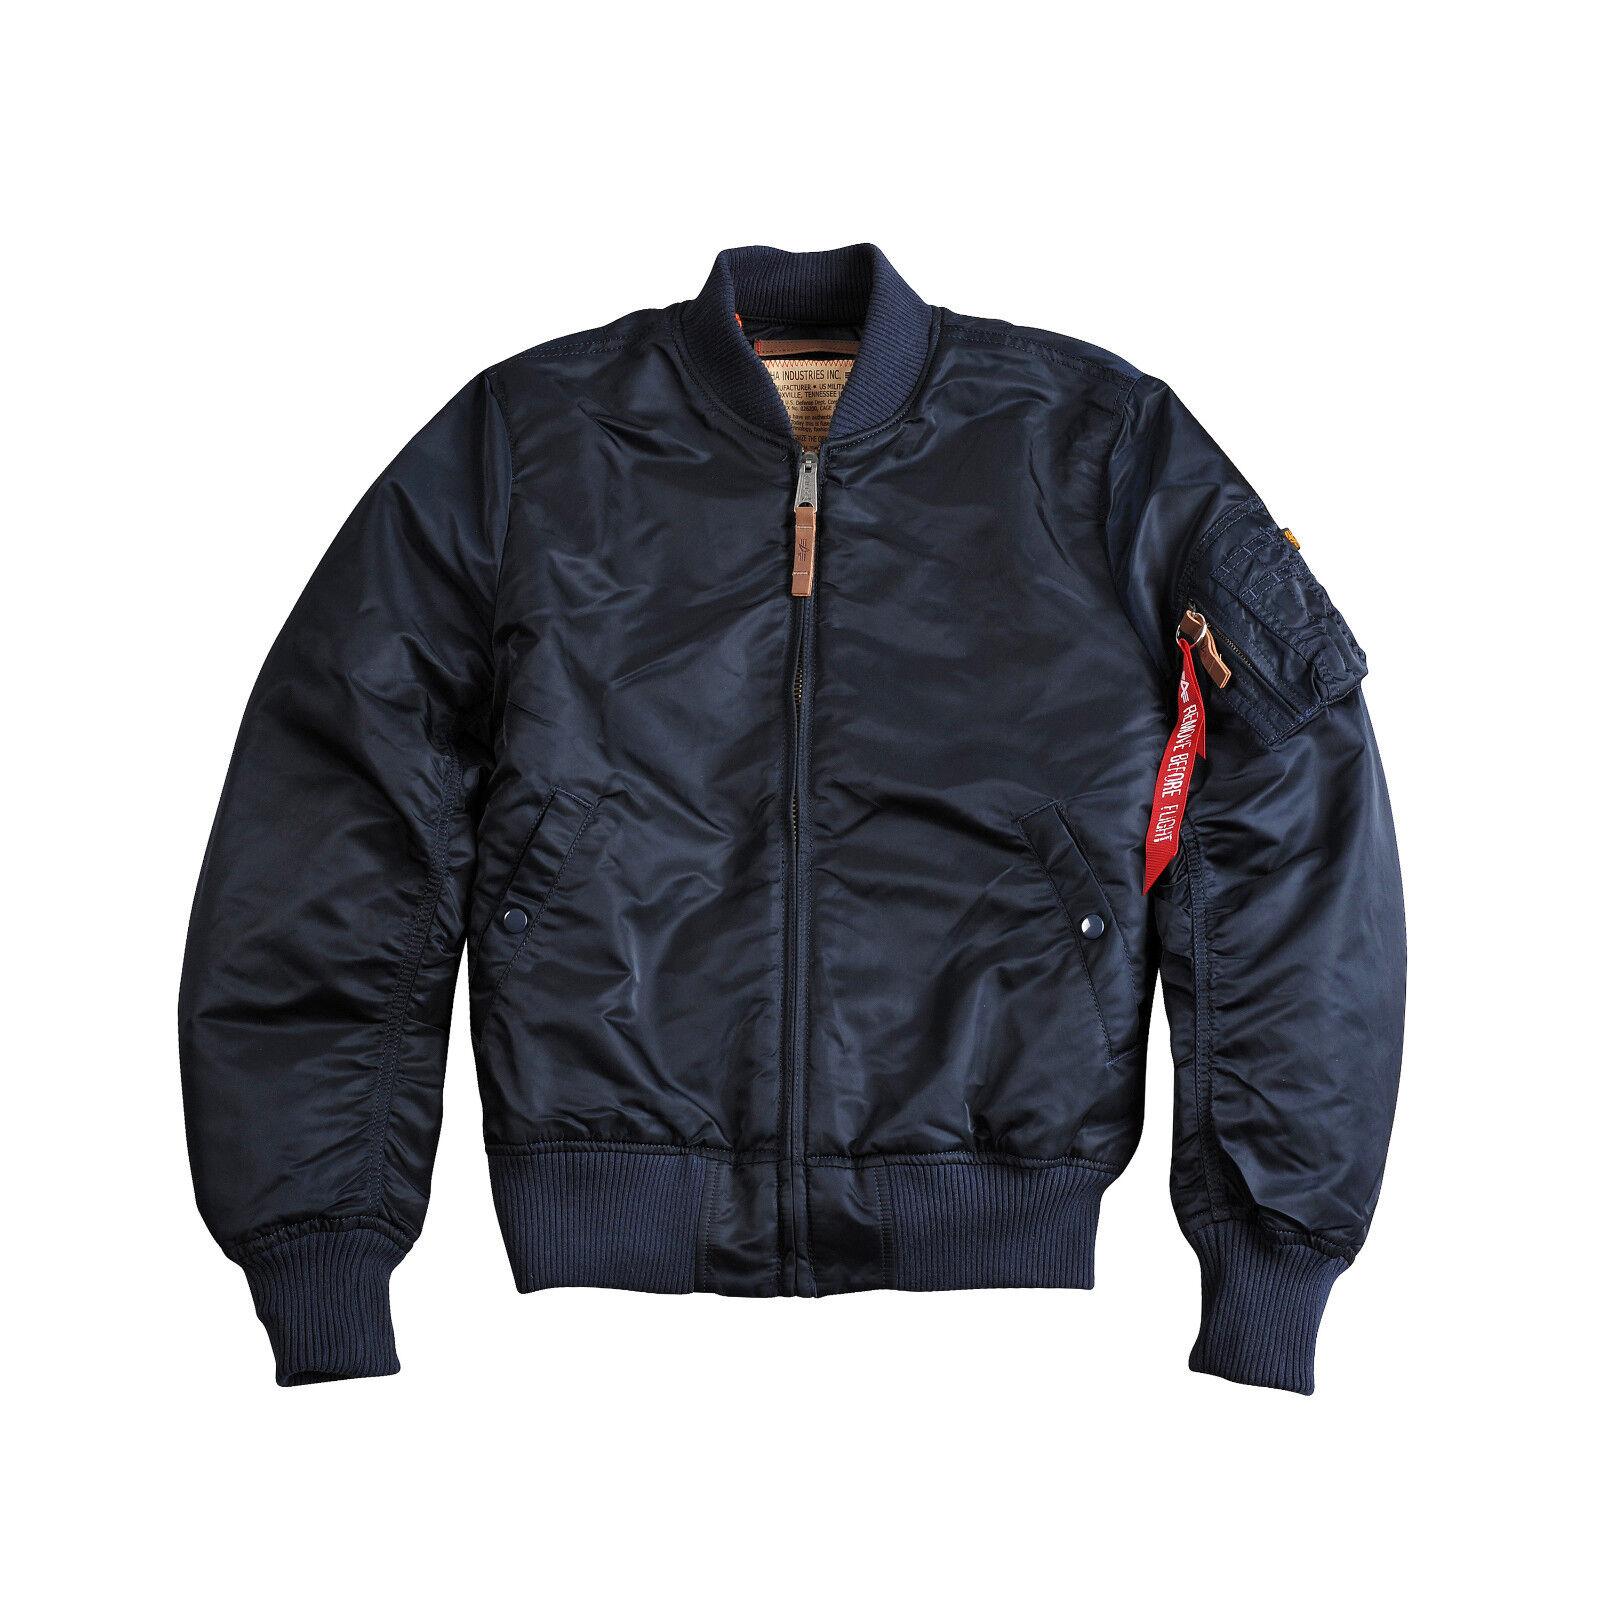 2507fdb6d82694 Alpha MA-1 59 191118 rep. bluee Größe XL NEU VF Industries  ntmiyt16870-Coats   Jackets